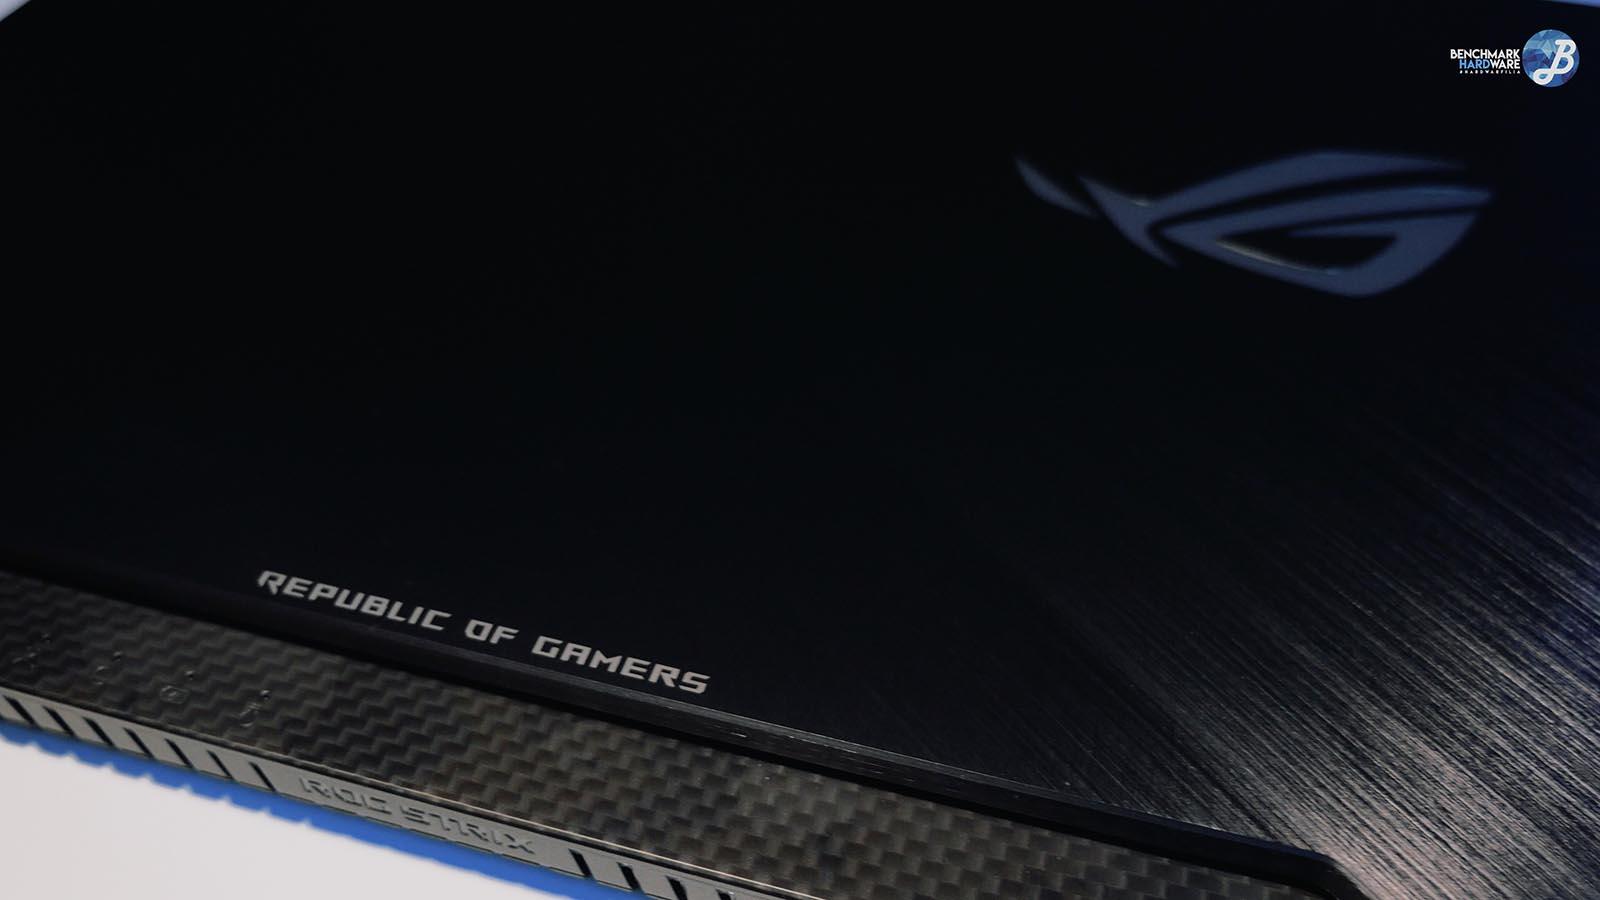 Asus Scar II - Review